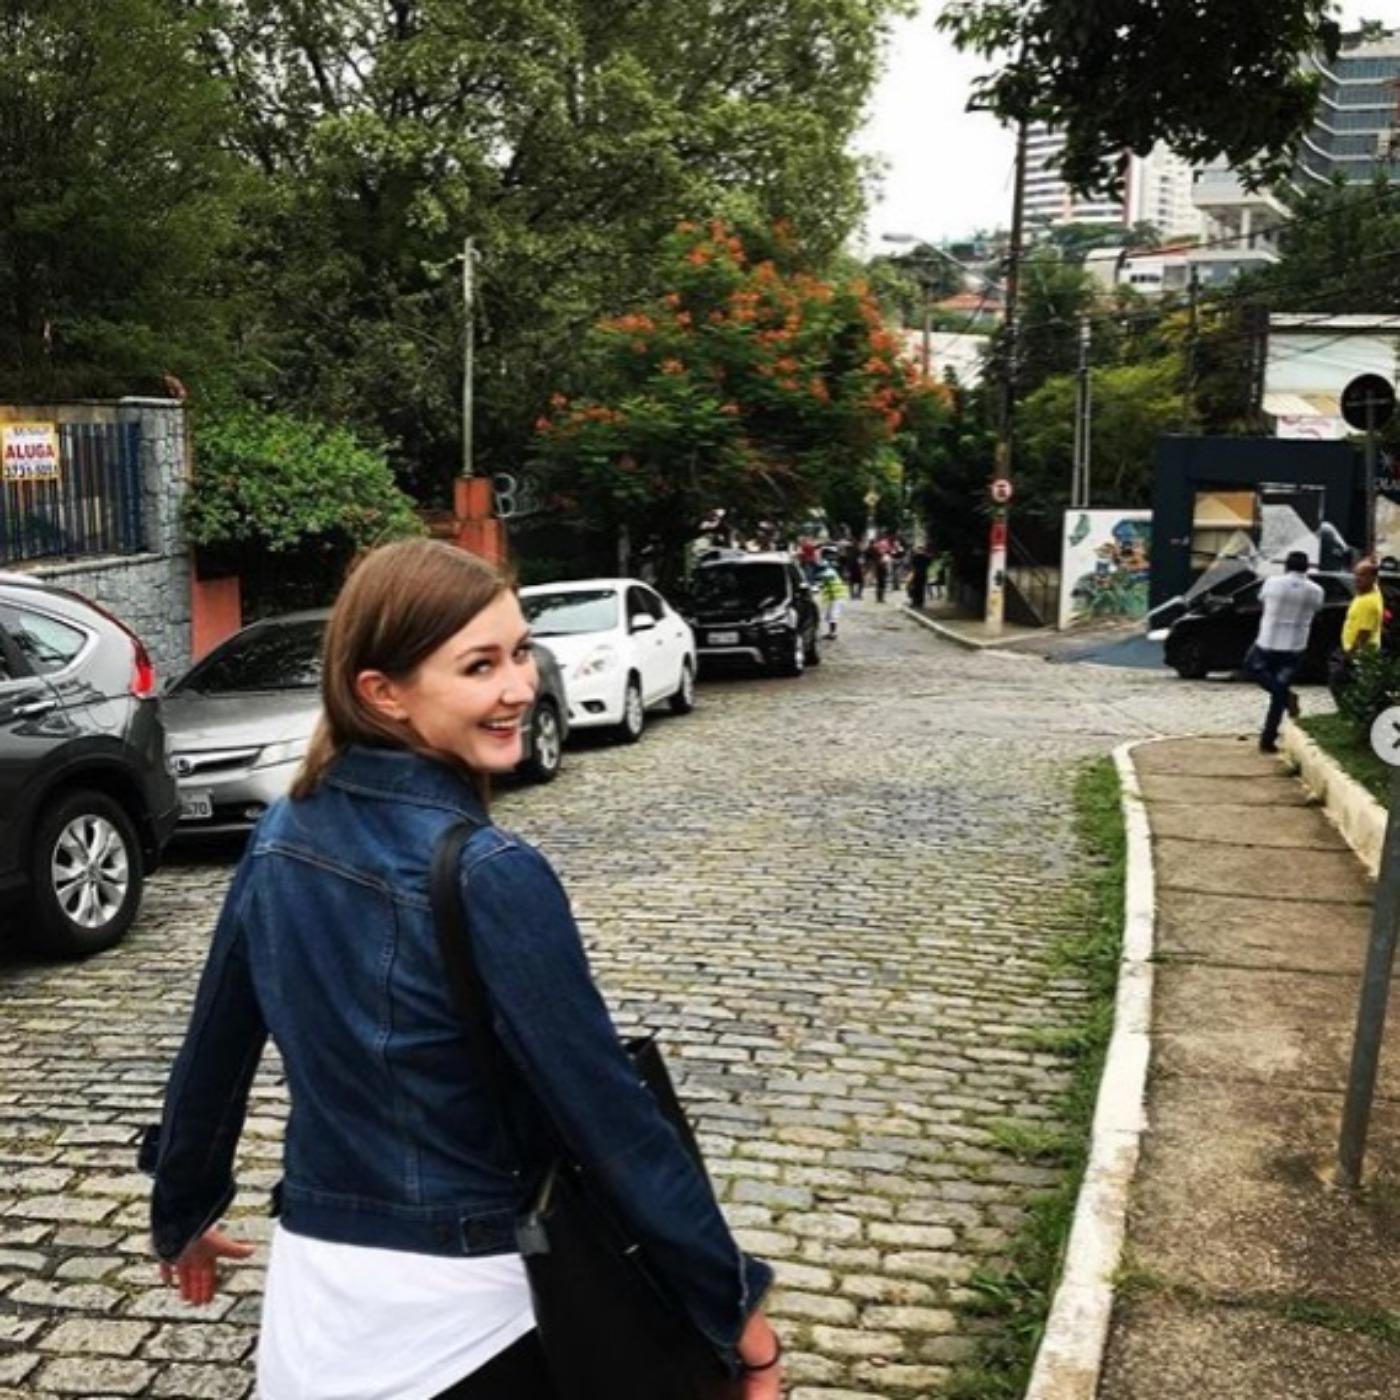 287 - Uma gringa fala sobre a sua experiência no Brasil 😎✌